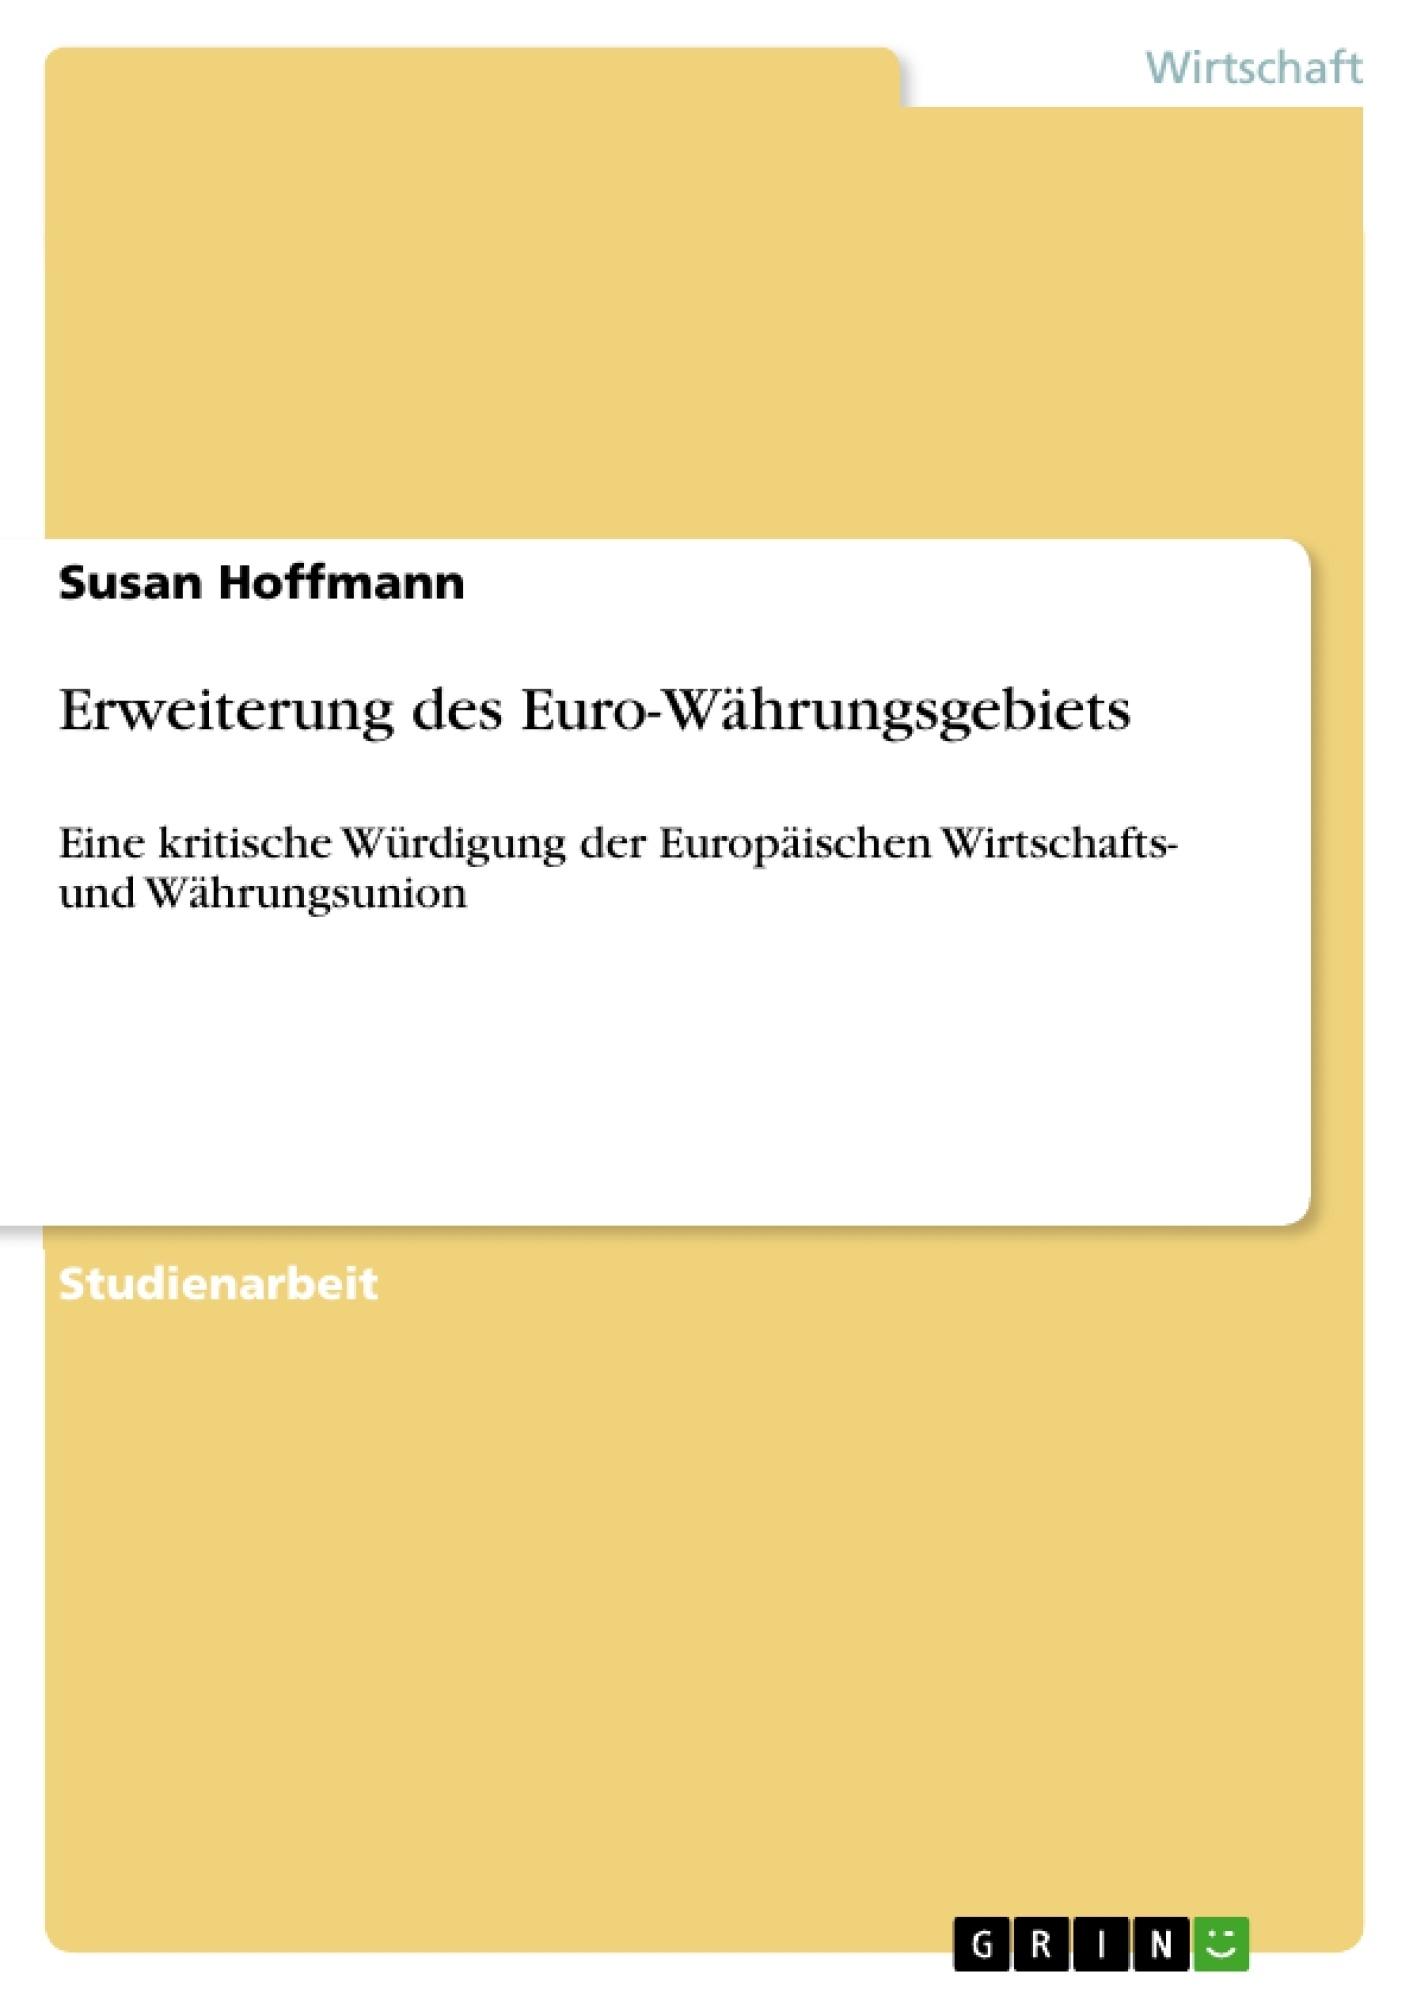 Titel: Erweiterung des Euro-Währungsgebiets